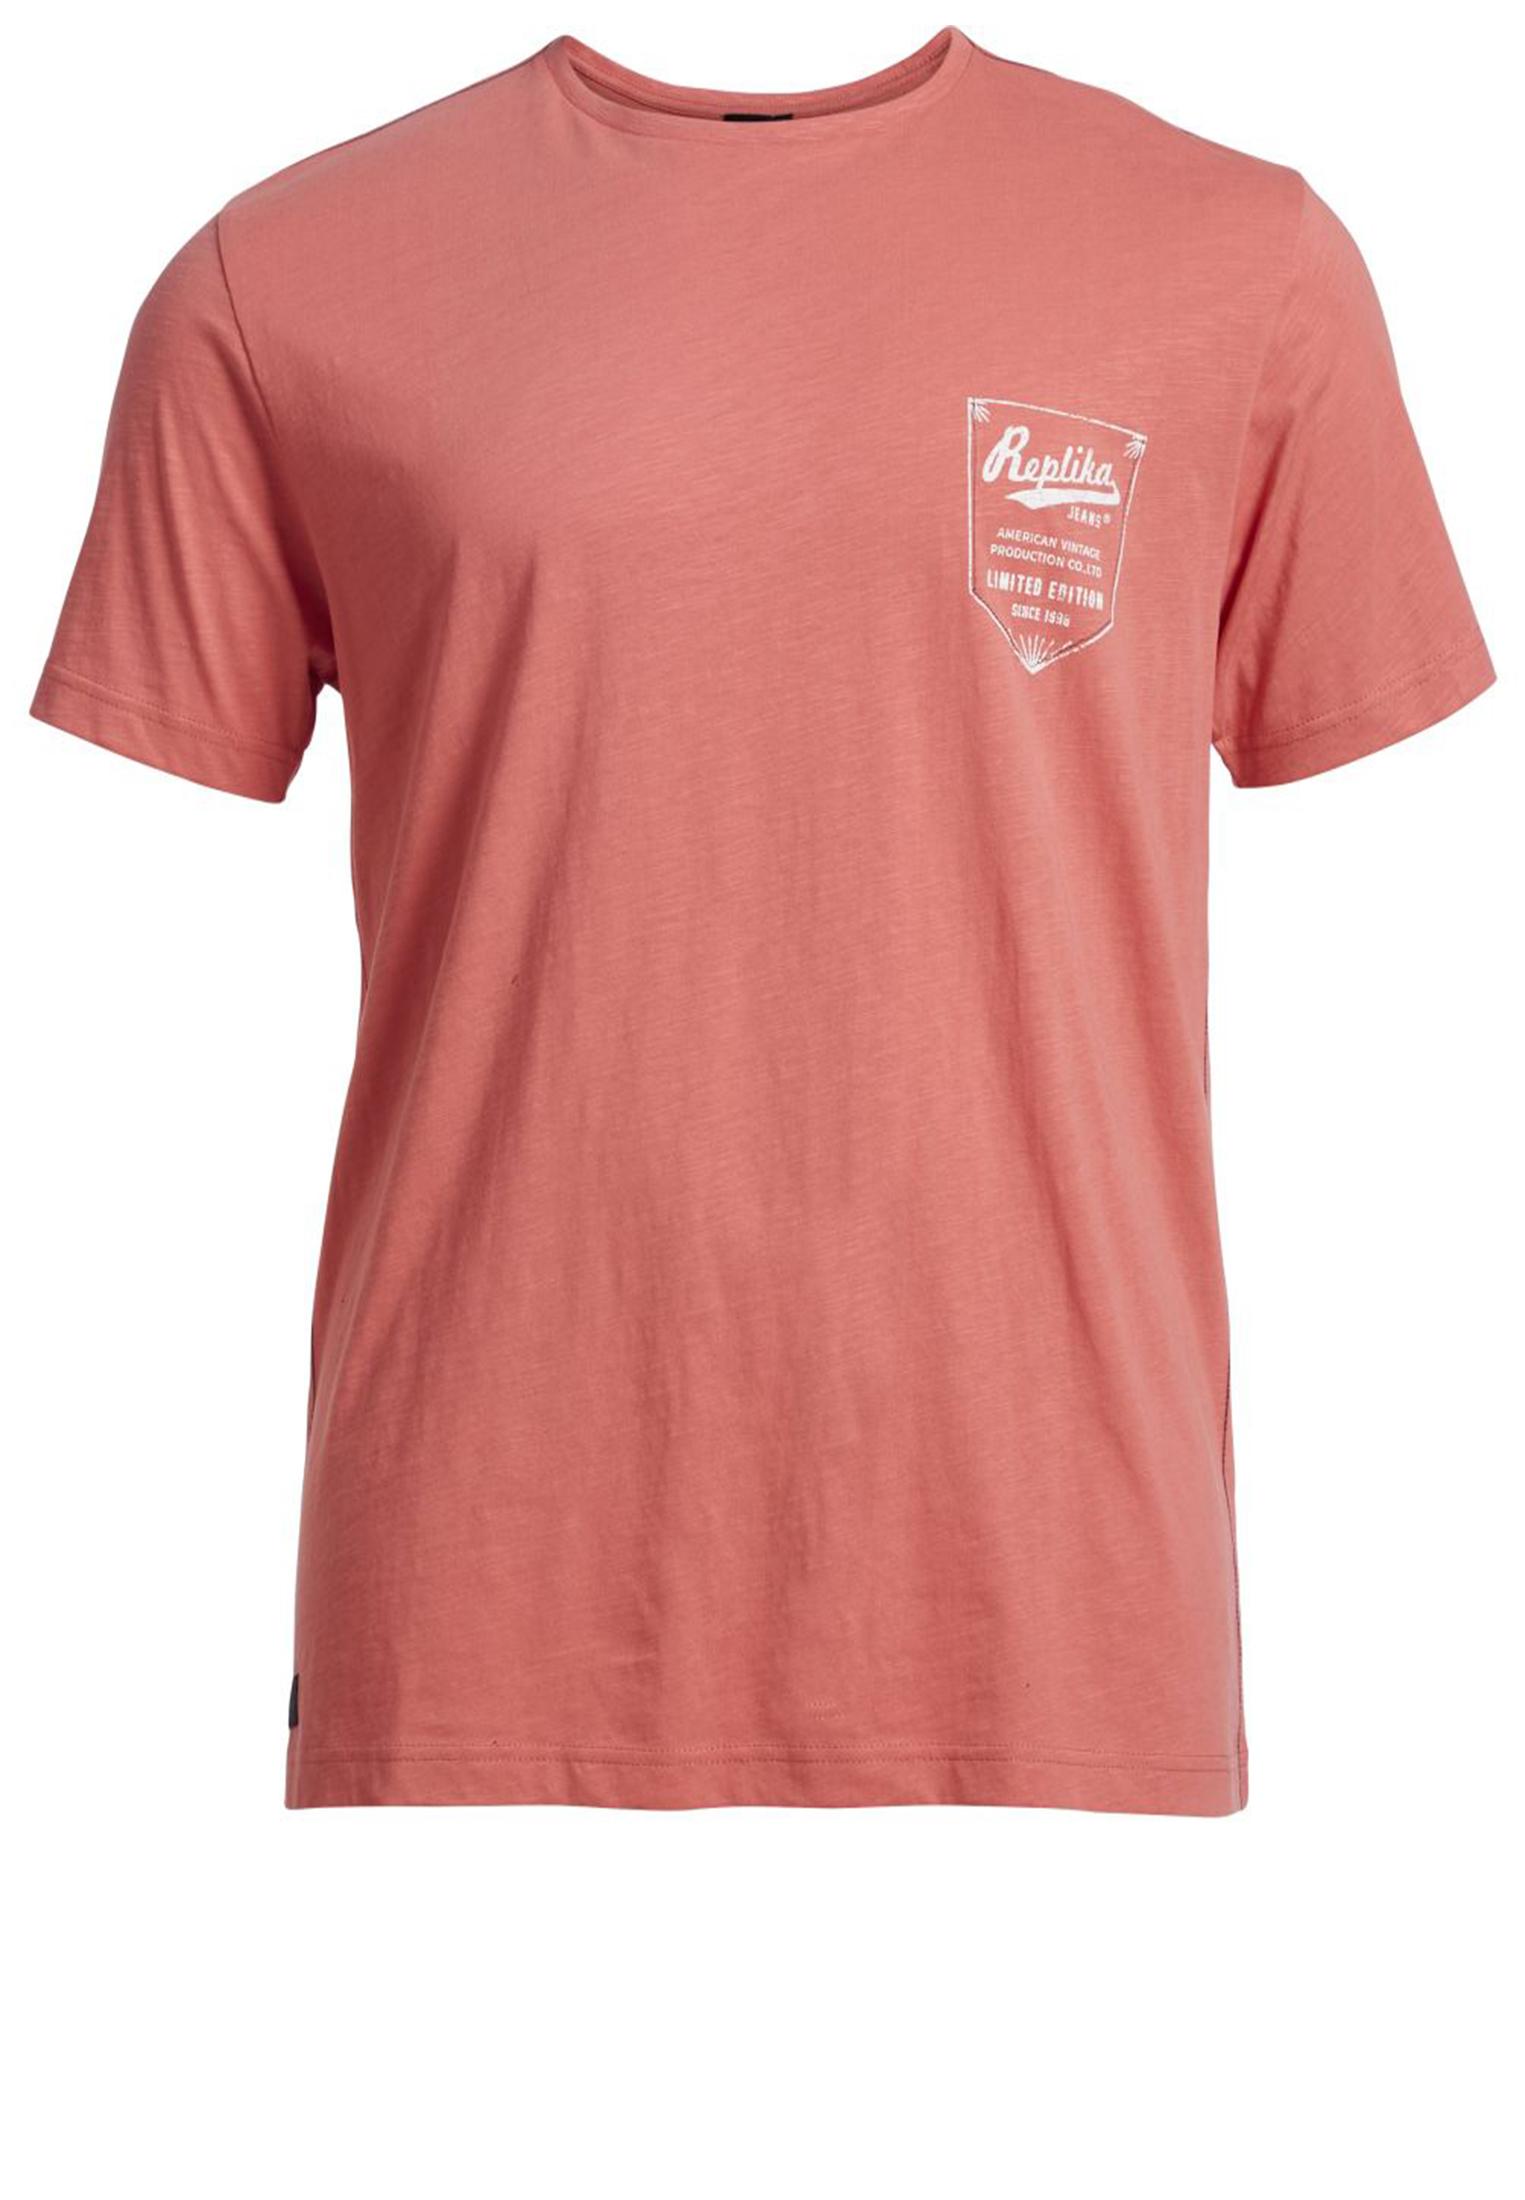 Leuk rood t-shirt van Replika met ronde hals en witte print aan de voorkant. Mooi kwalitatief t-shirt gemaakt van een zachte stof voor extra draagcomfort.Erg leuk shirt om op een spijkerbroek te dragen.